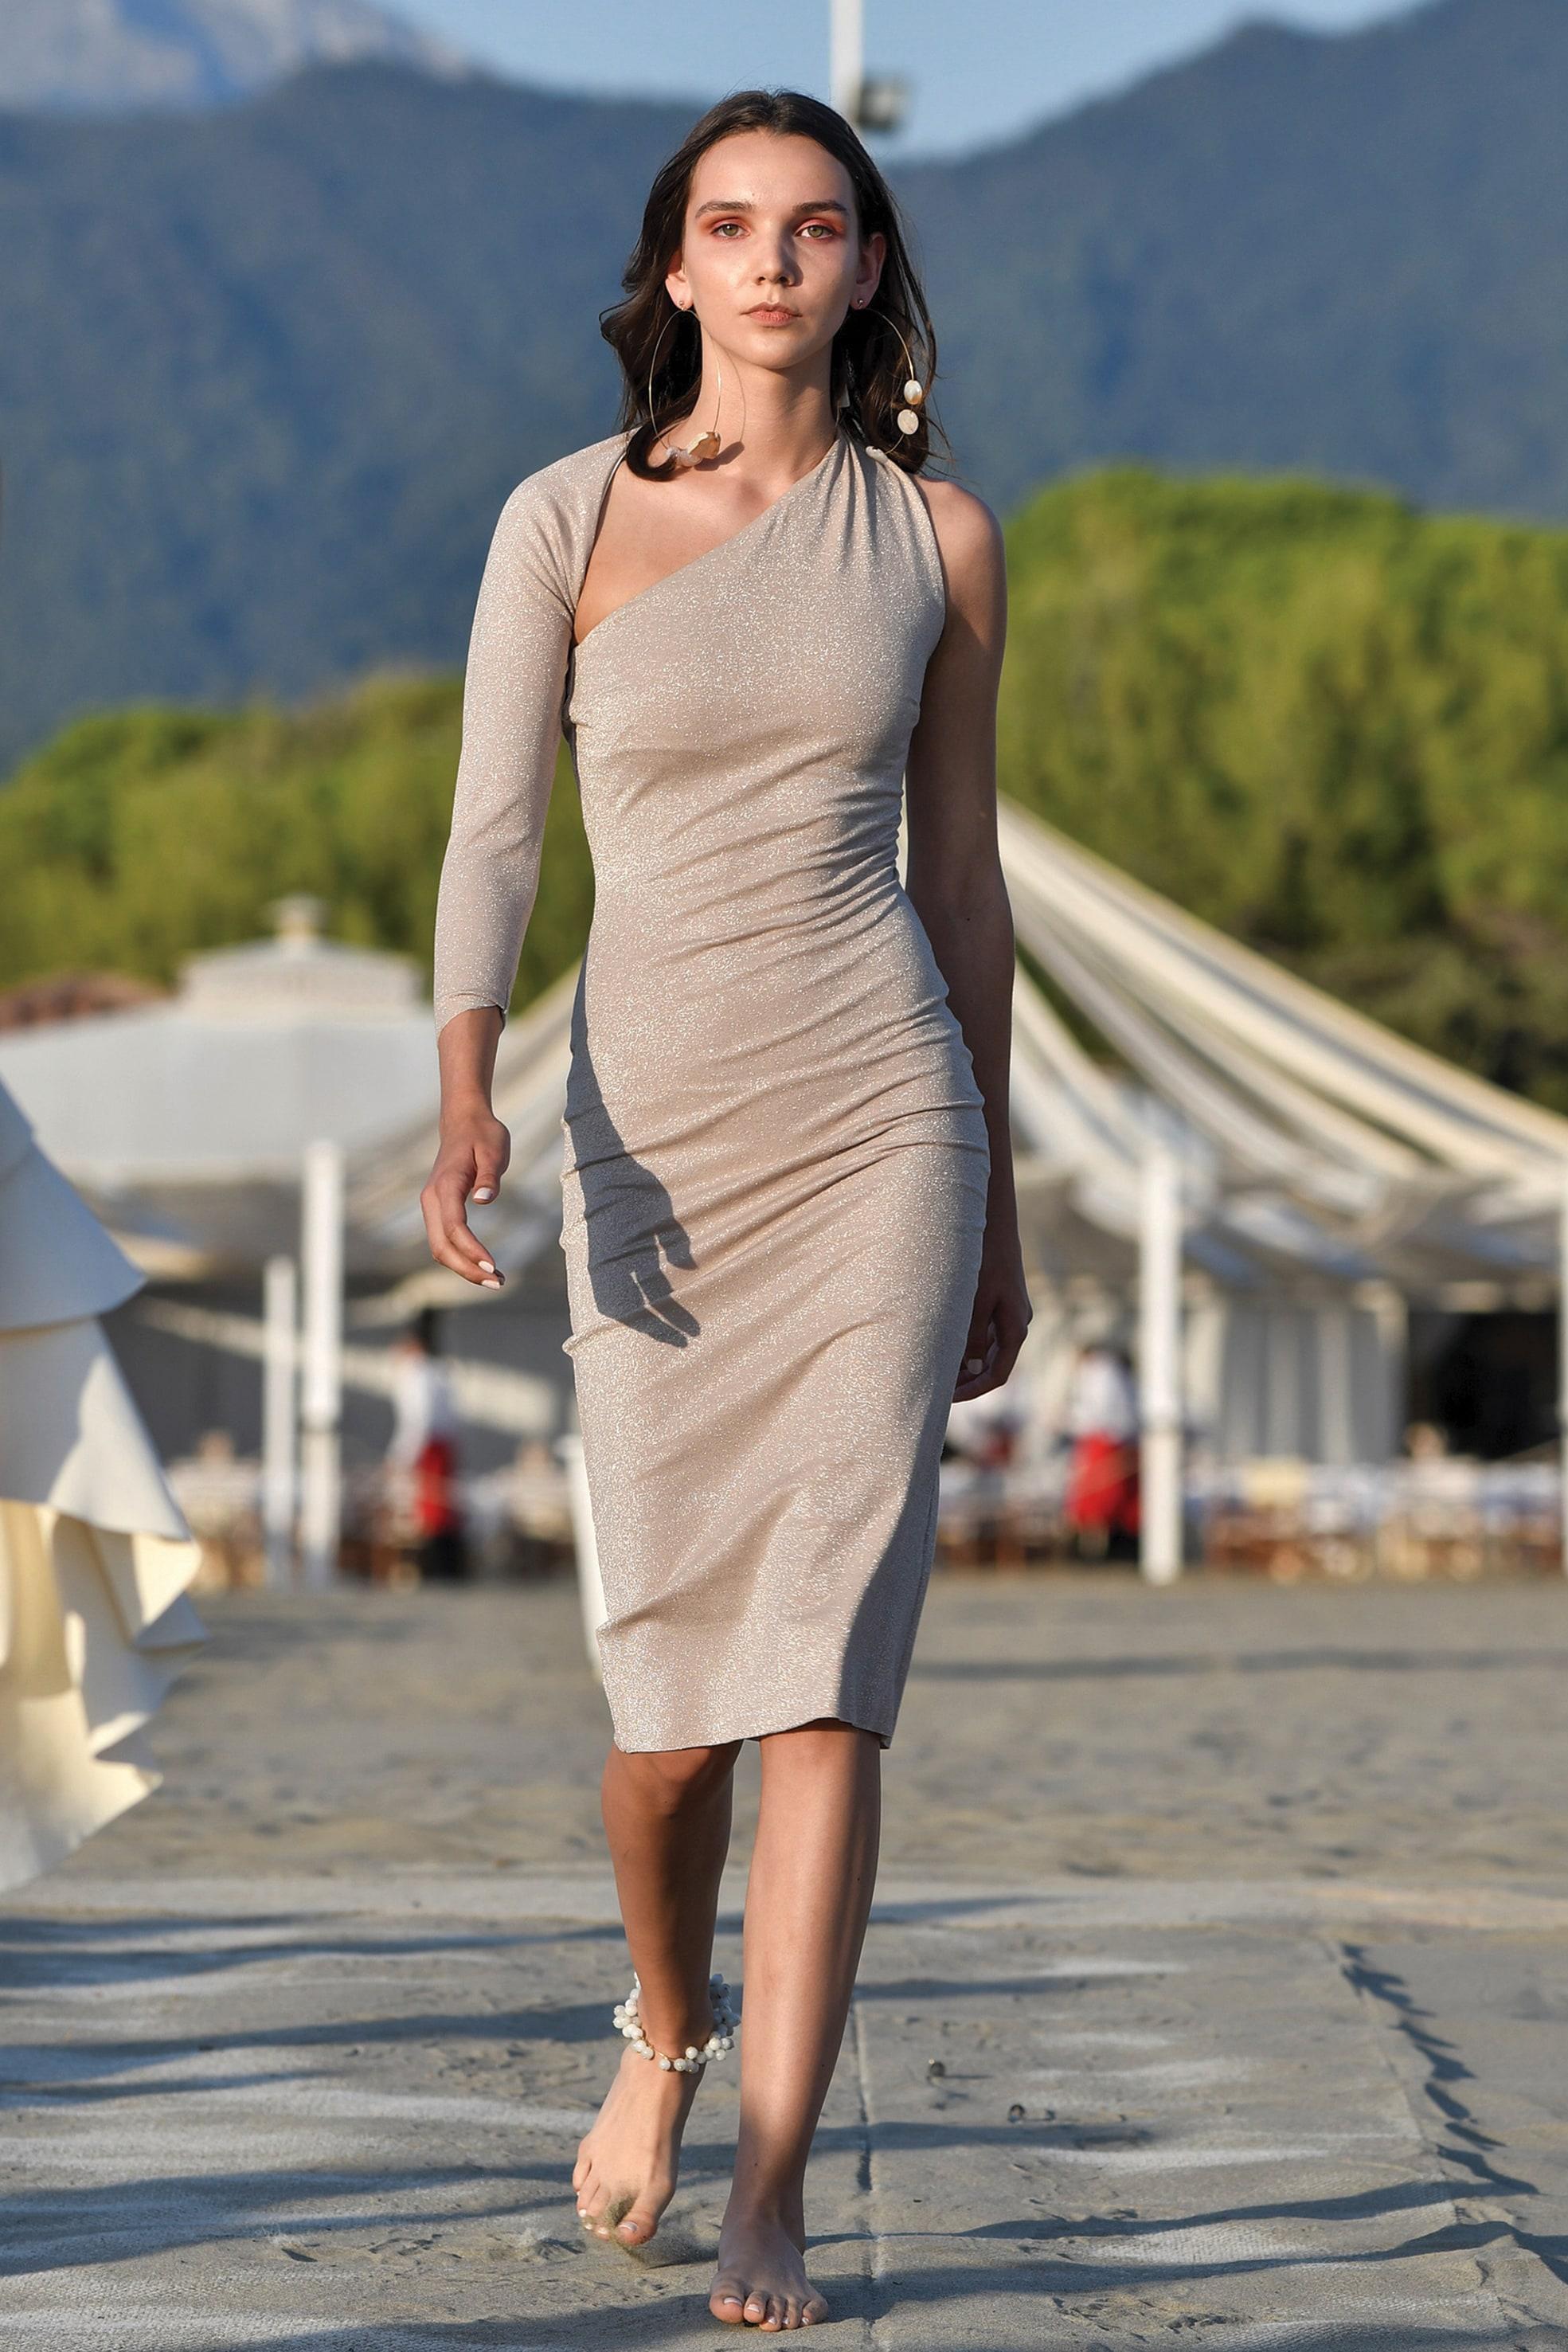 CHIARA BONI Abito La Petite Robe in jersey di cotone stretch con dettagli in lurex.